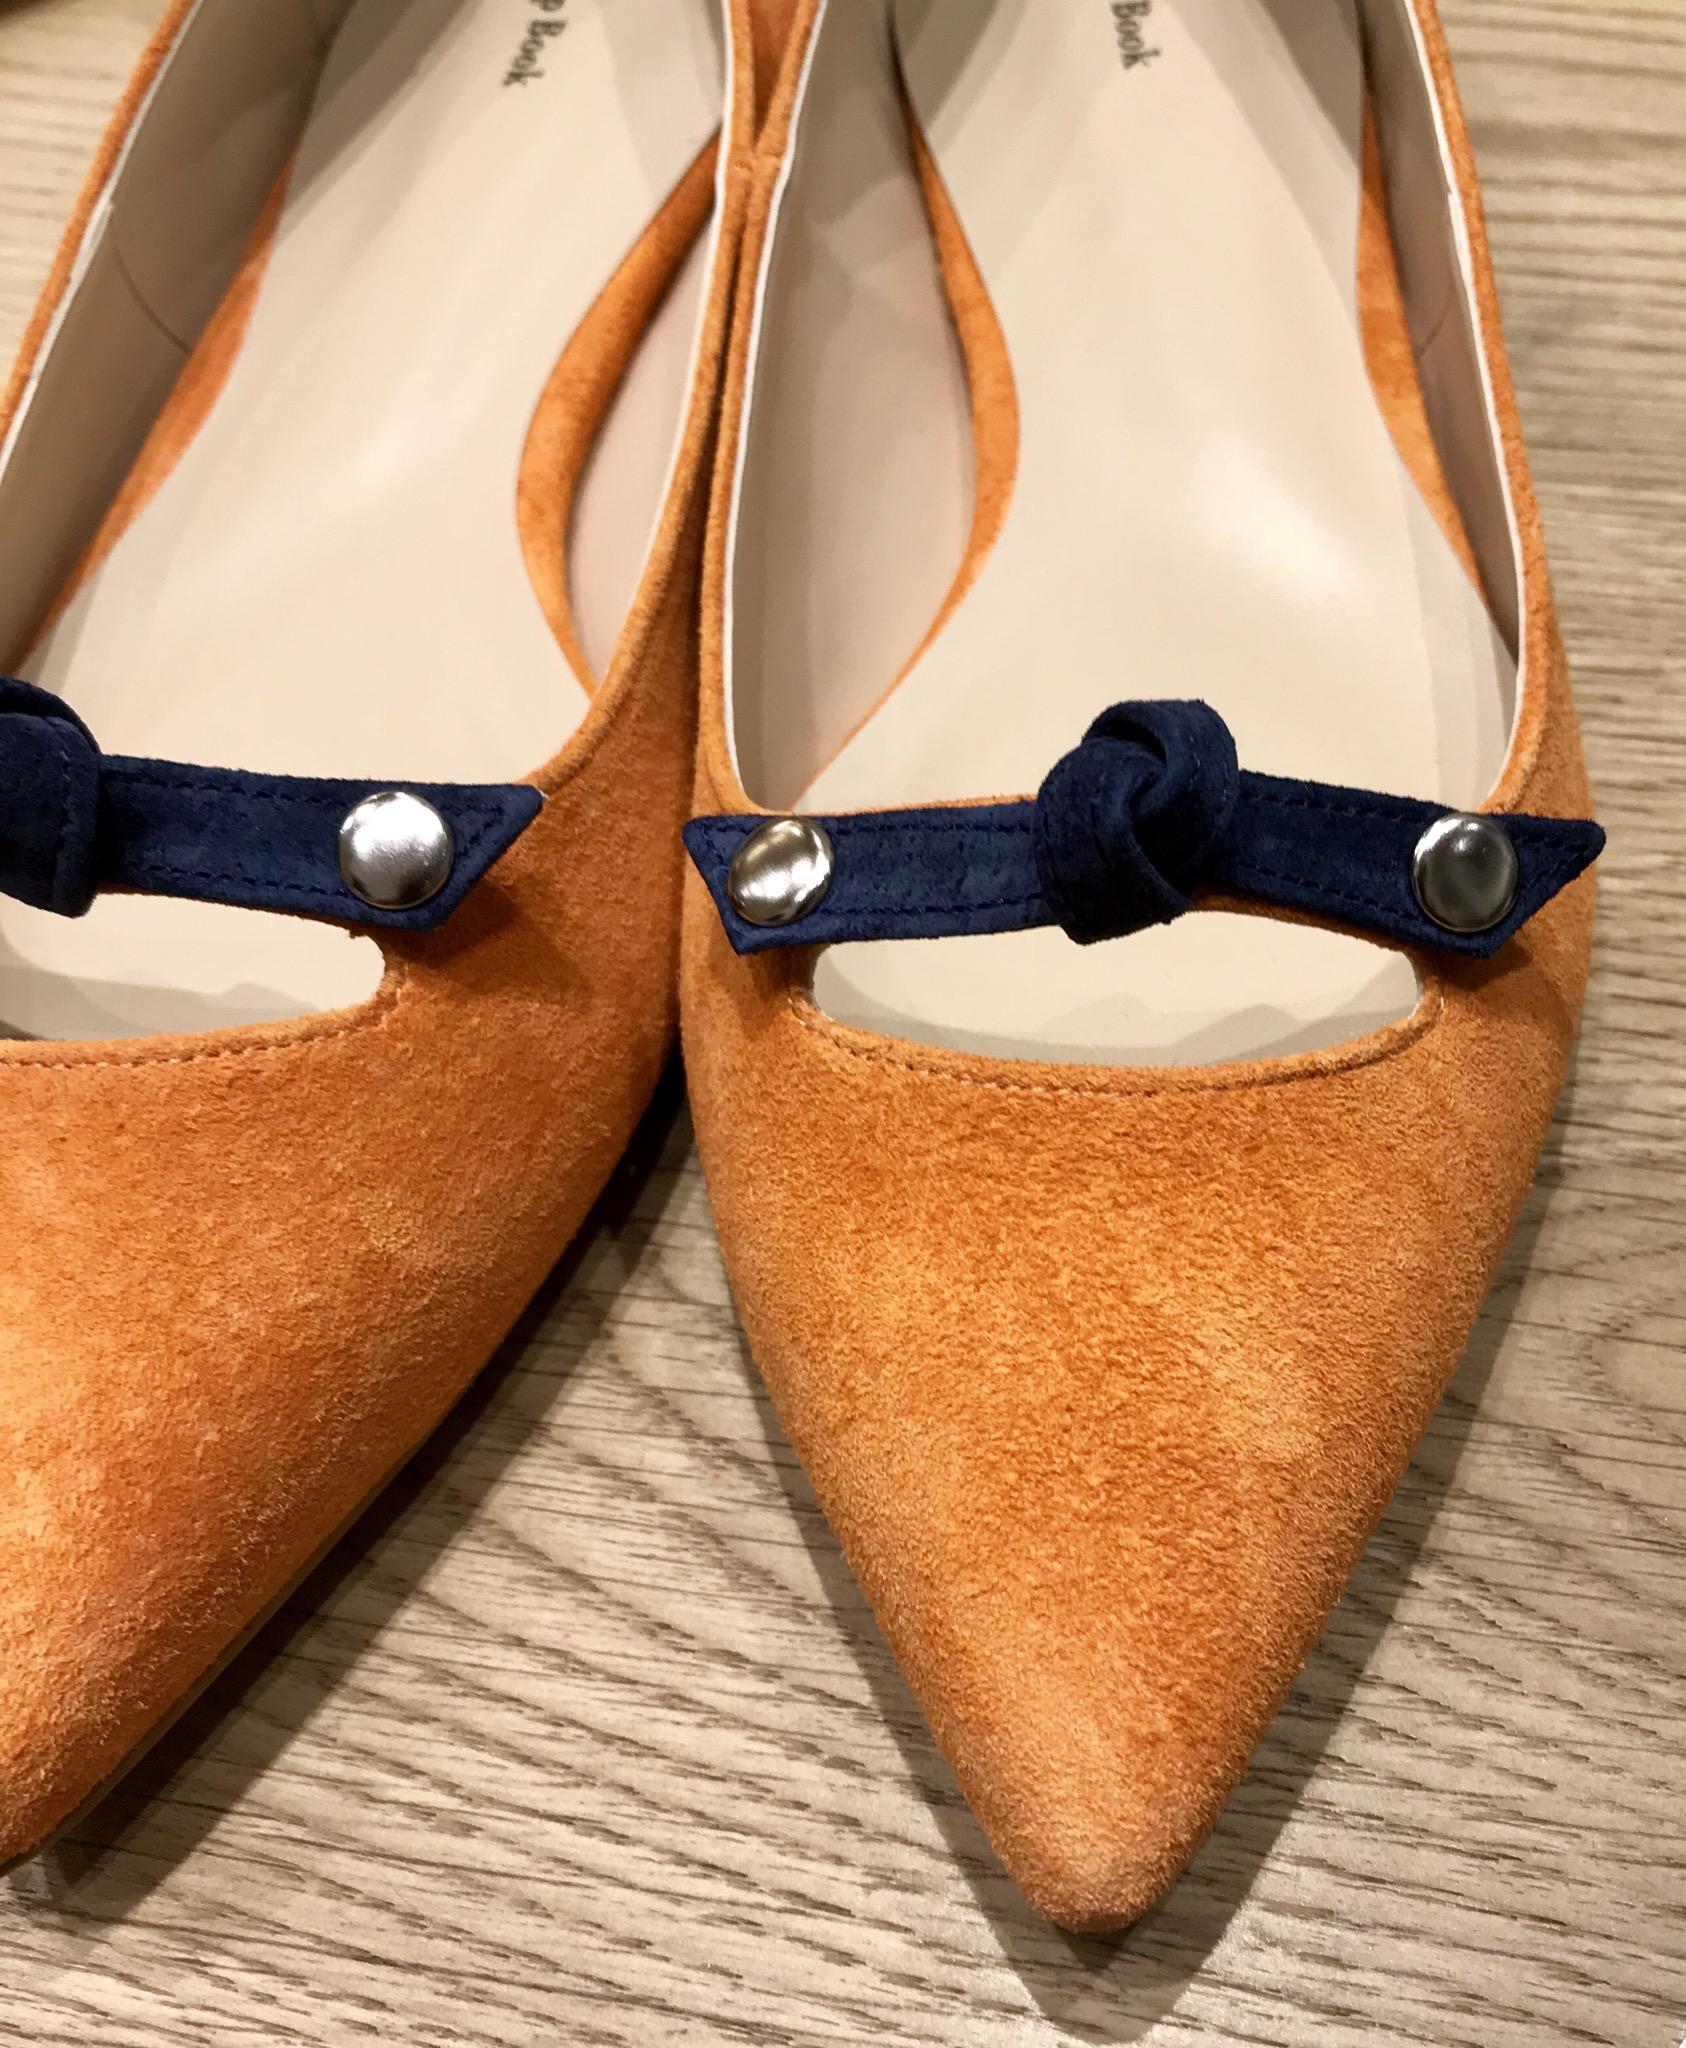 Scrap Book スクラップブック 有楽町マルイ アトネックバイ 可愛い 日本製 神戸の靴職人 日本ブランド ミキリ レザーパンプス フラットパンプス pumps インソールクッション 指付け根見えるデザイン bi-color リボンパンプス ローヒールパンプス ピッグレザー